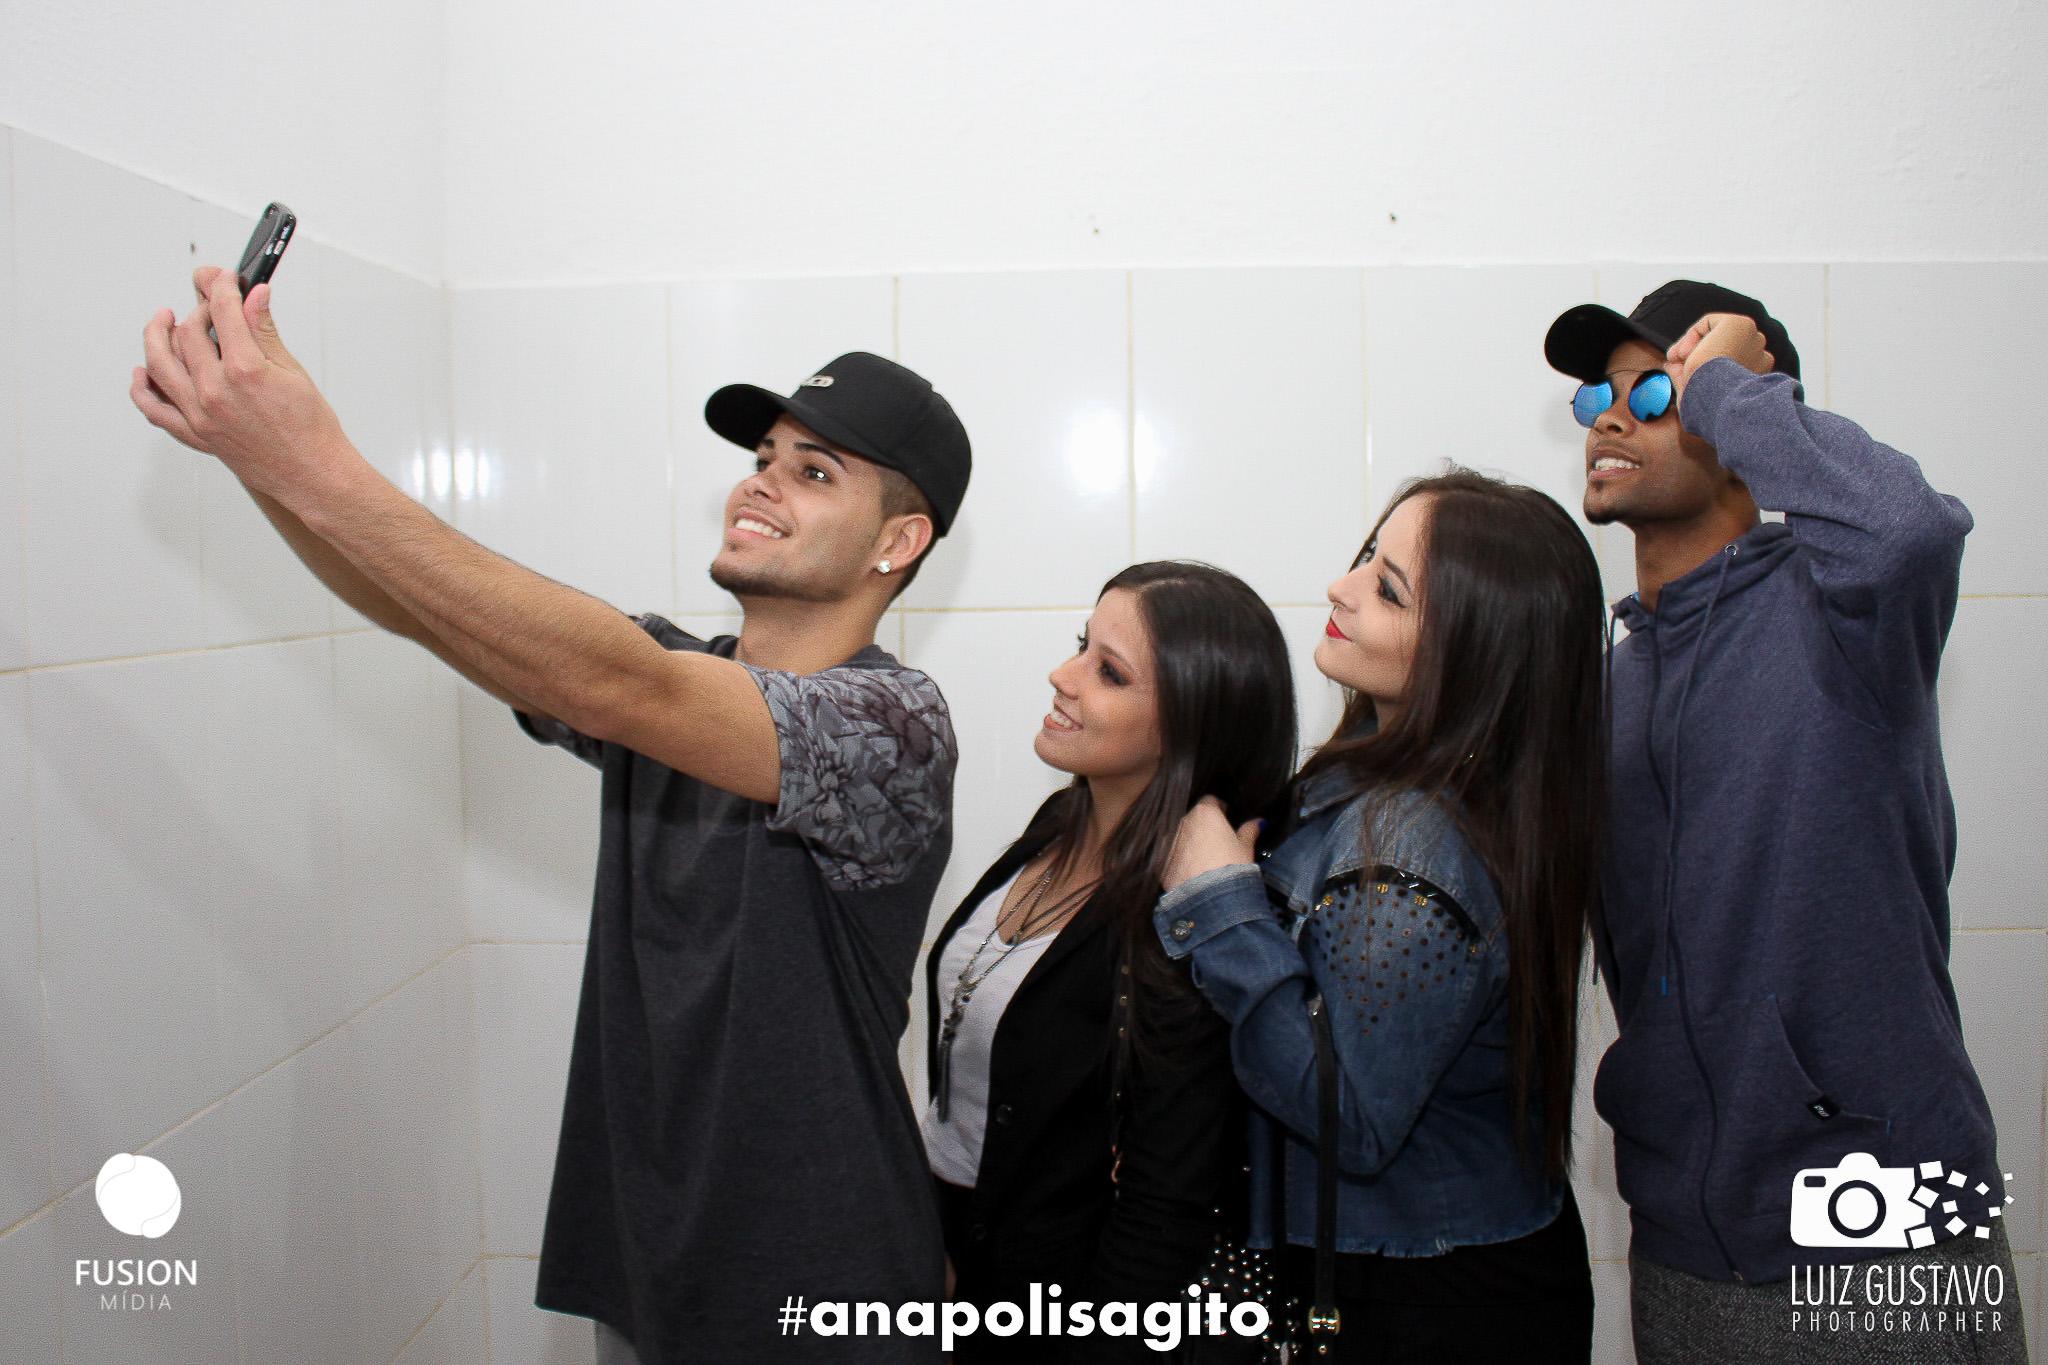 Luiz Gustavo Photographer (44 de 159)